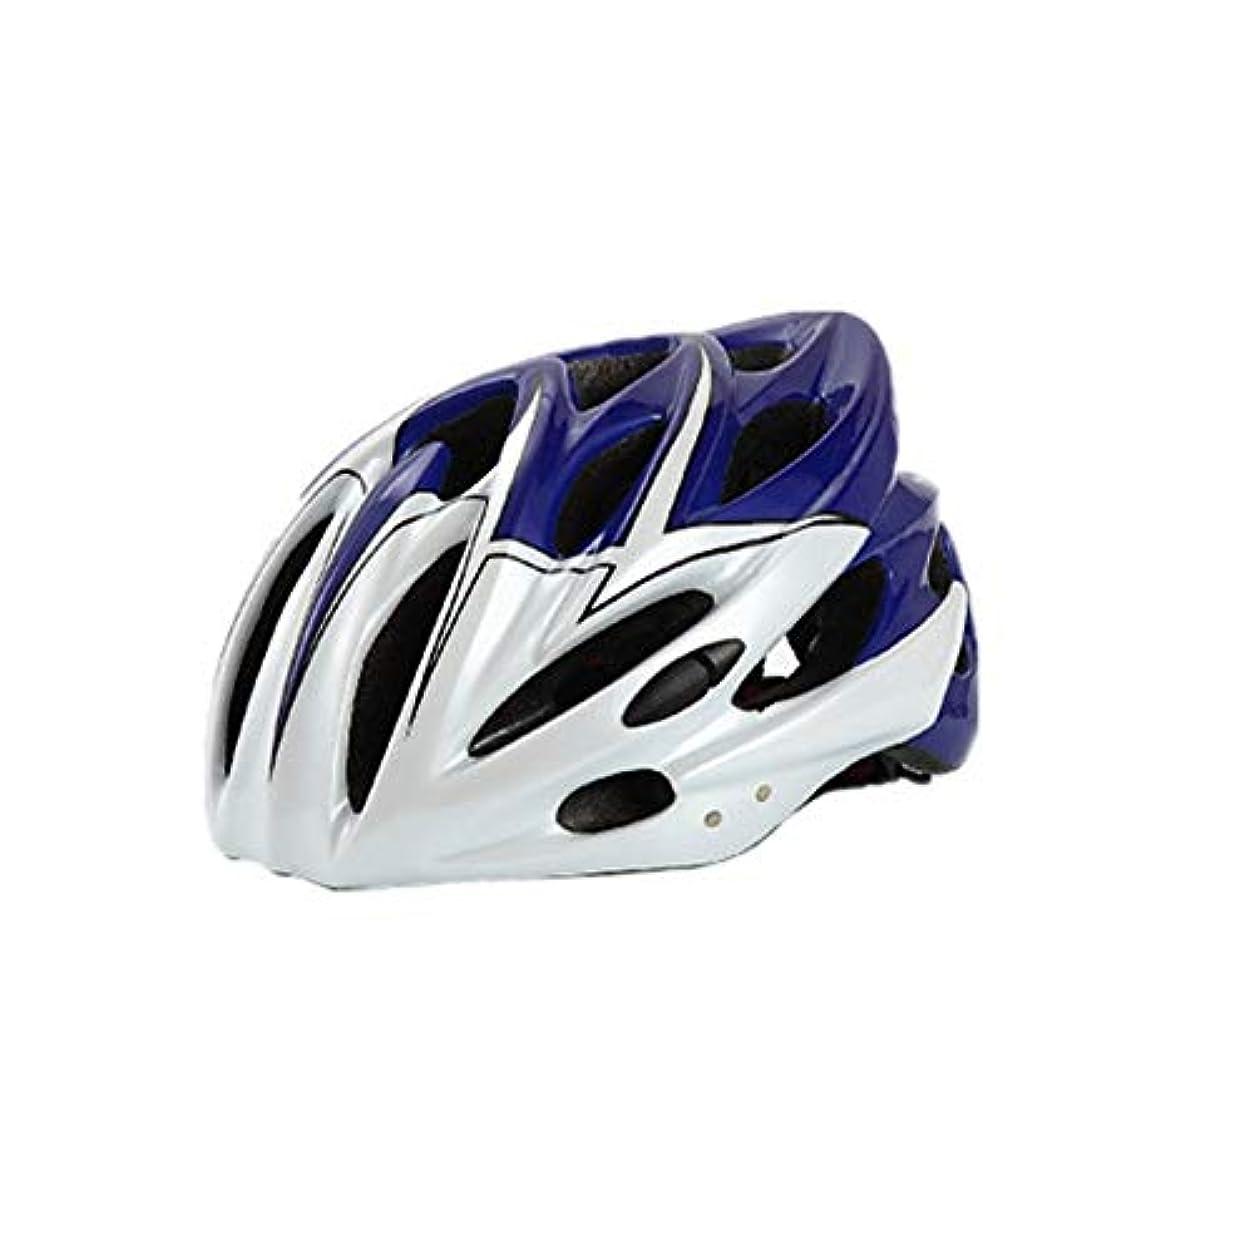 弾薬注ぎます政治家のOkiiting 自転車ヘルメットサイクリングヘルメット安全超軽量スポーツヘルメット衝撃吸収性取り外し可能な裏地品質保証ブルー うまく設計された